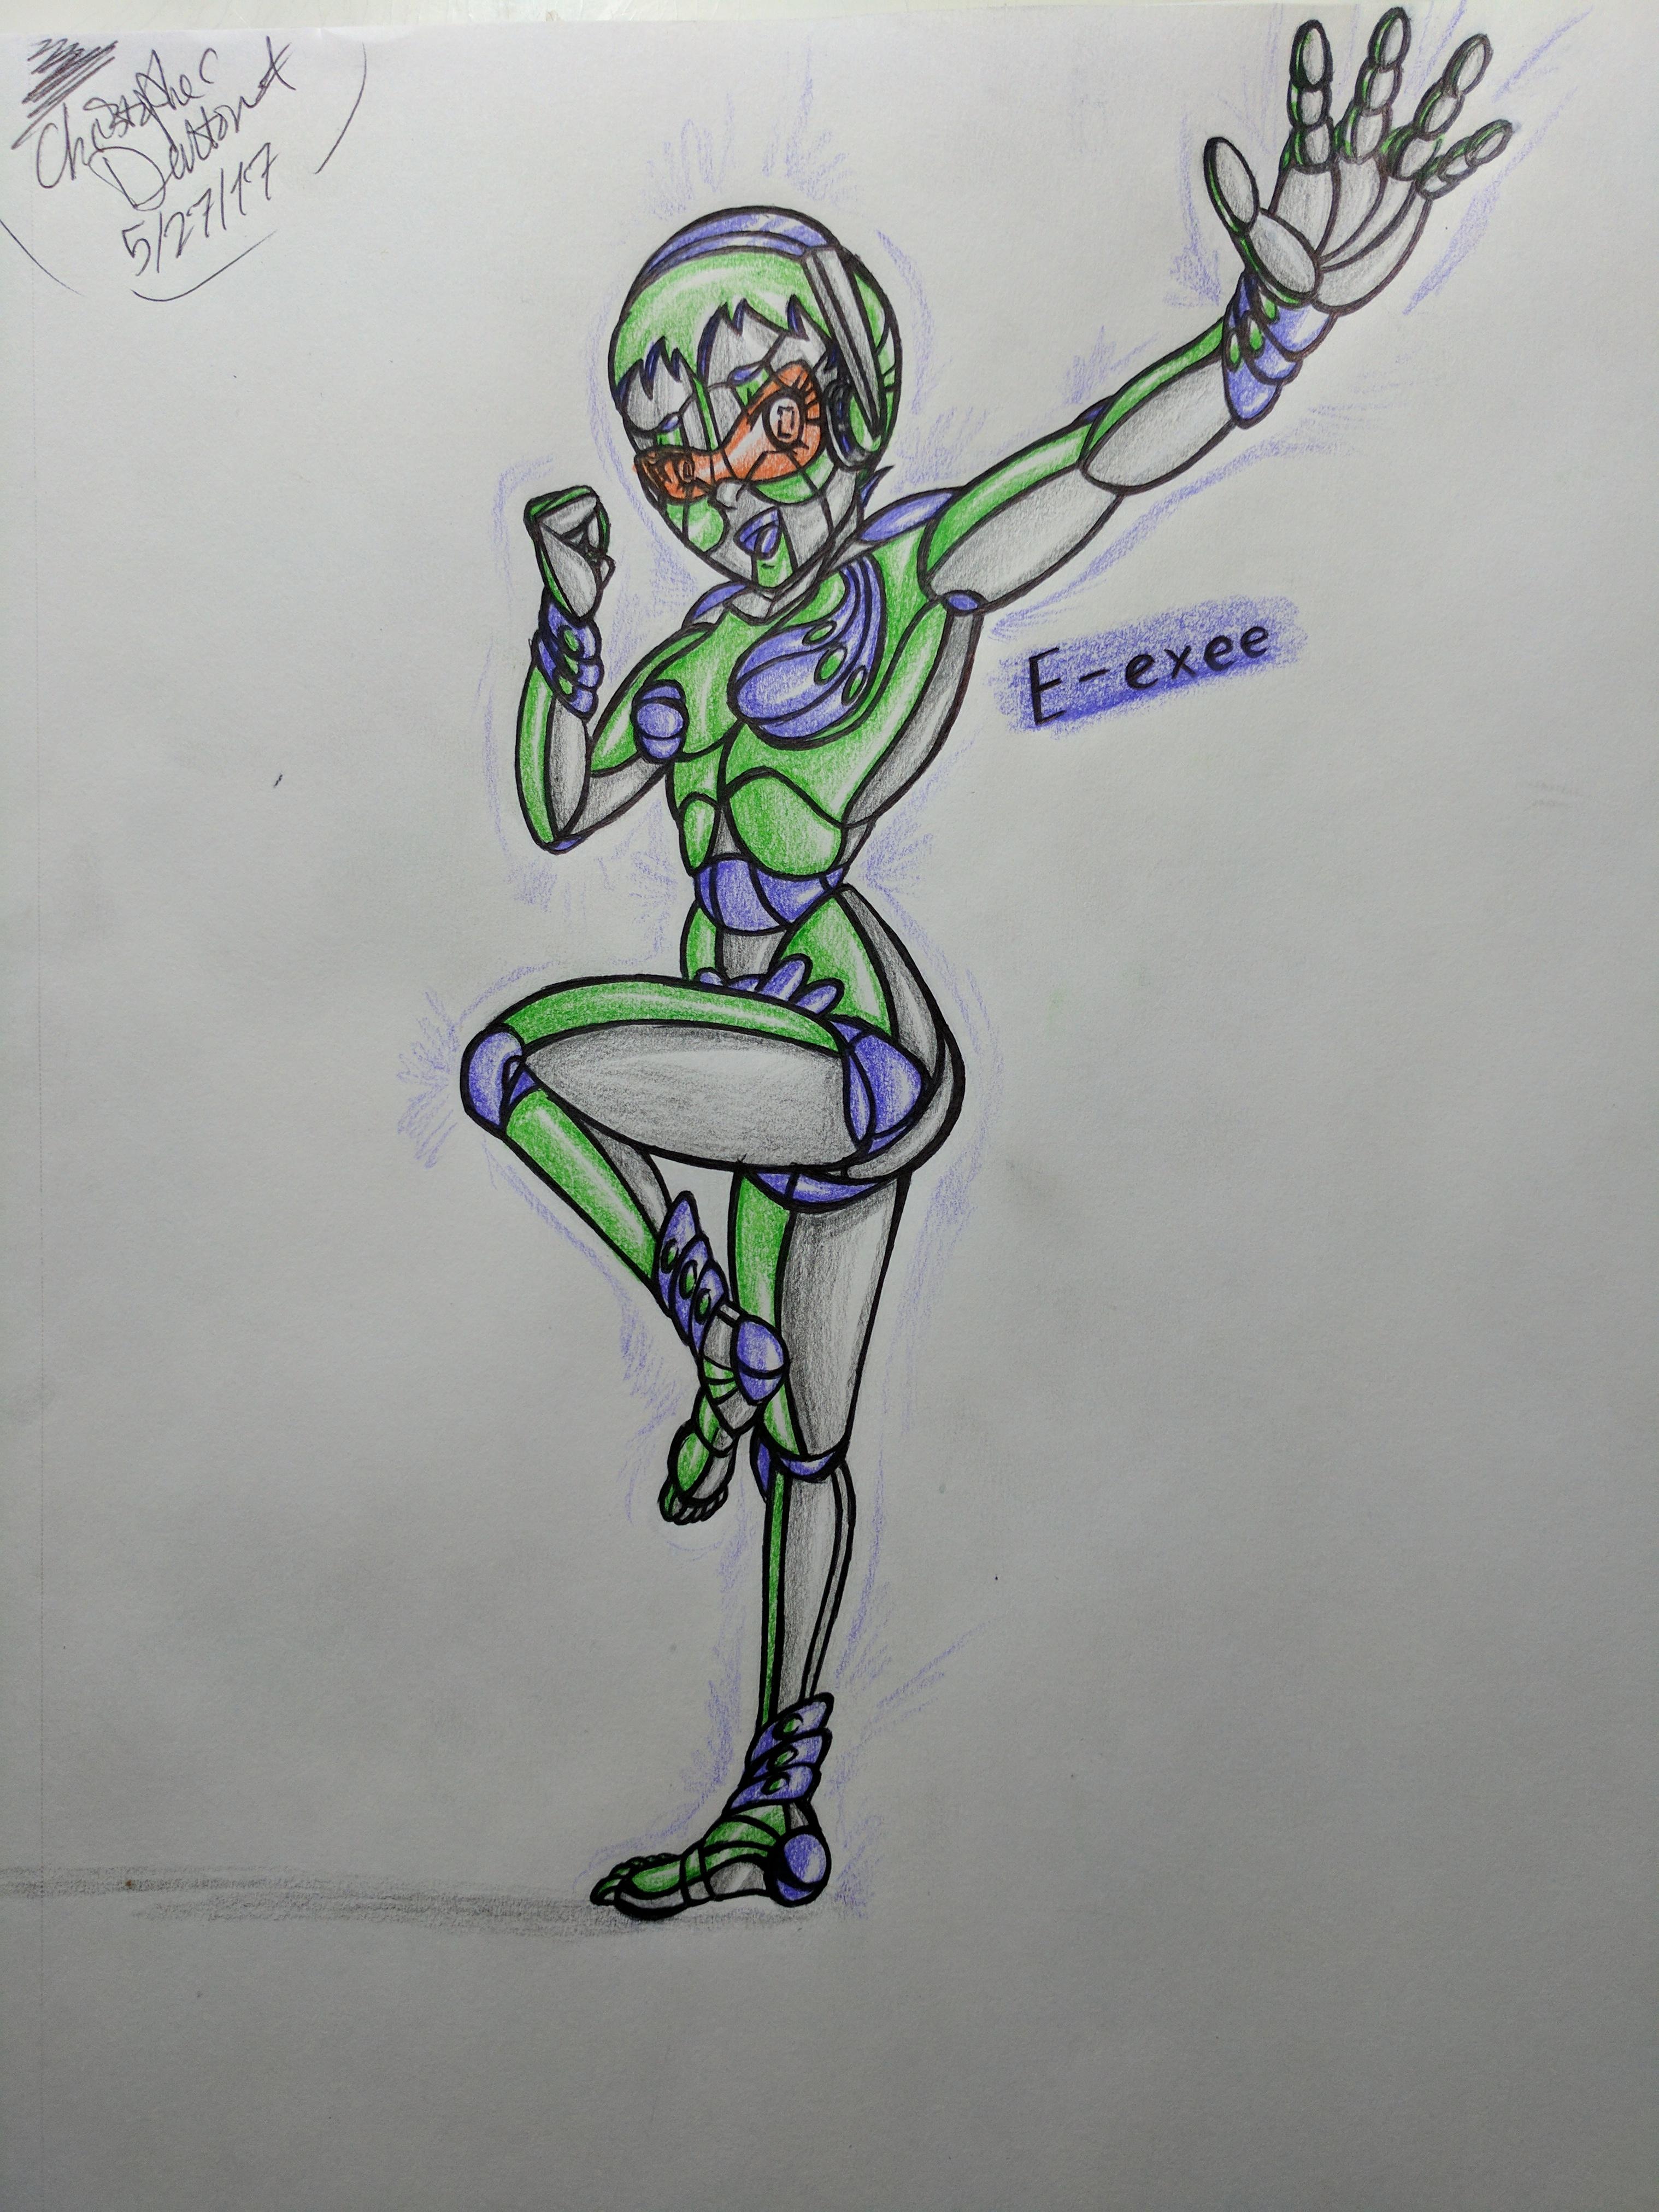 E-exee